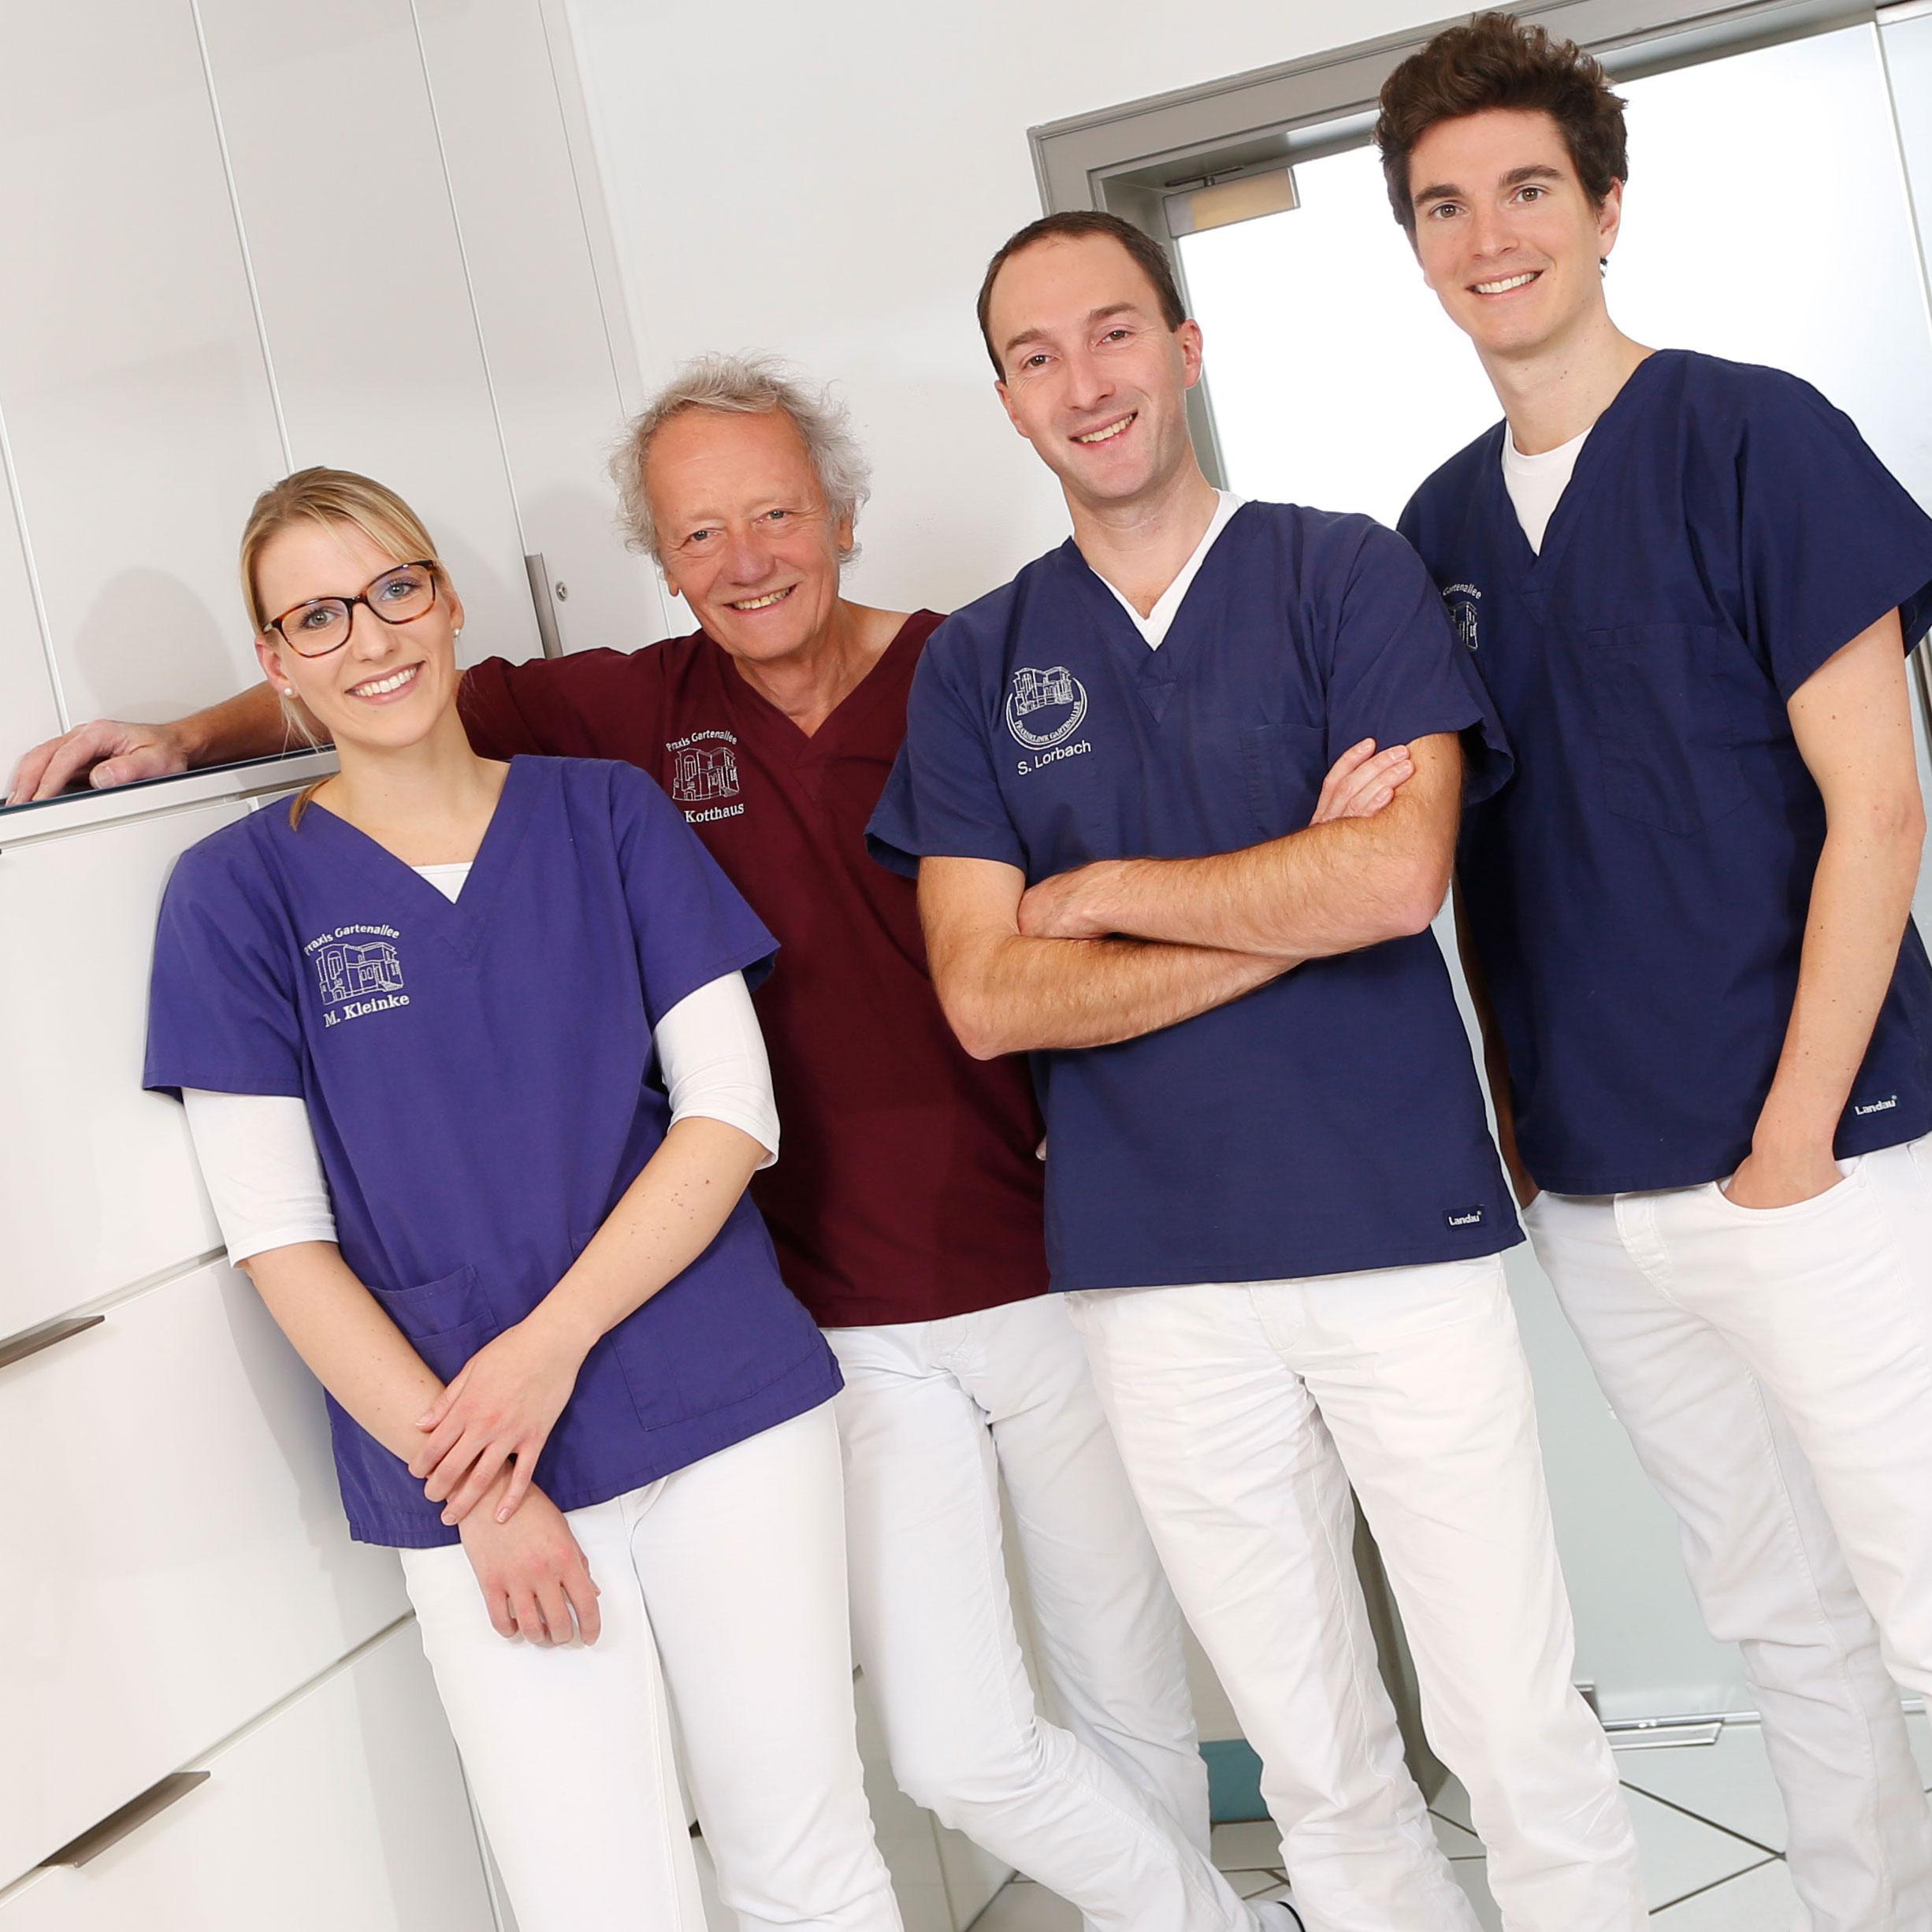 Praxis Gartenallee für MKG-Chirurgie & Oralchirurgie - Team